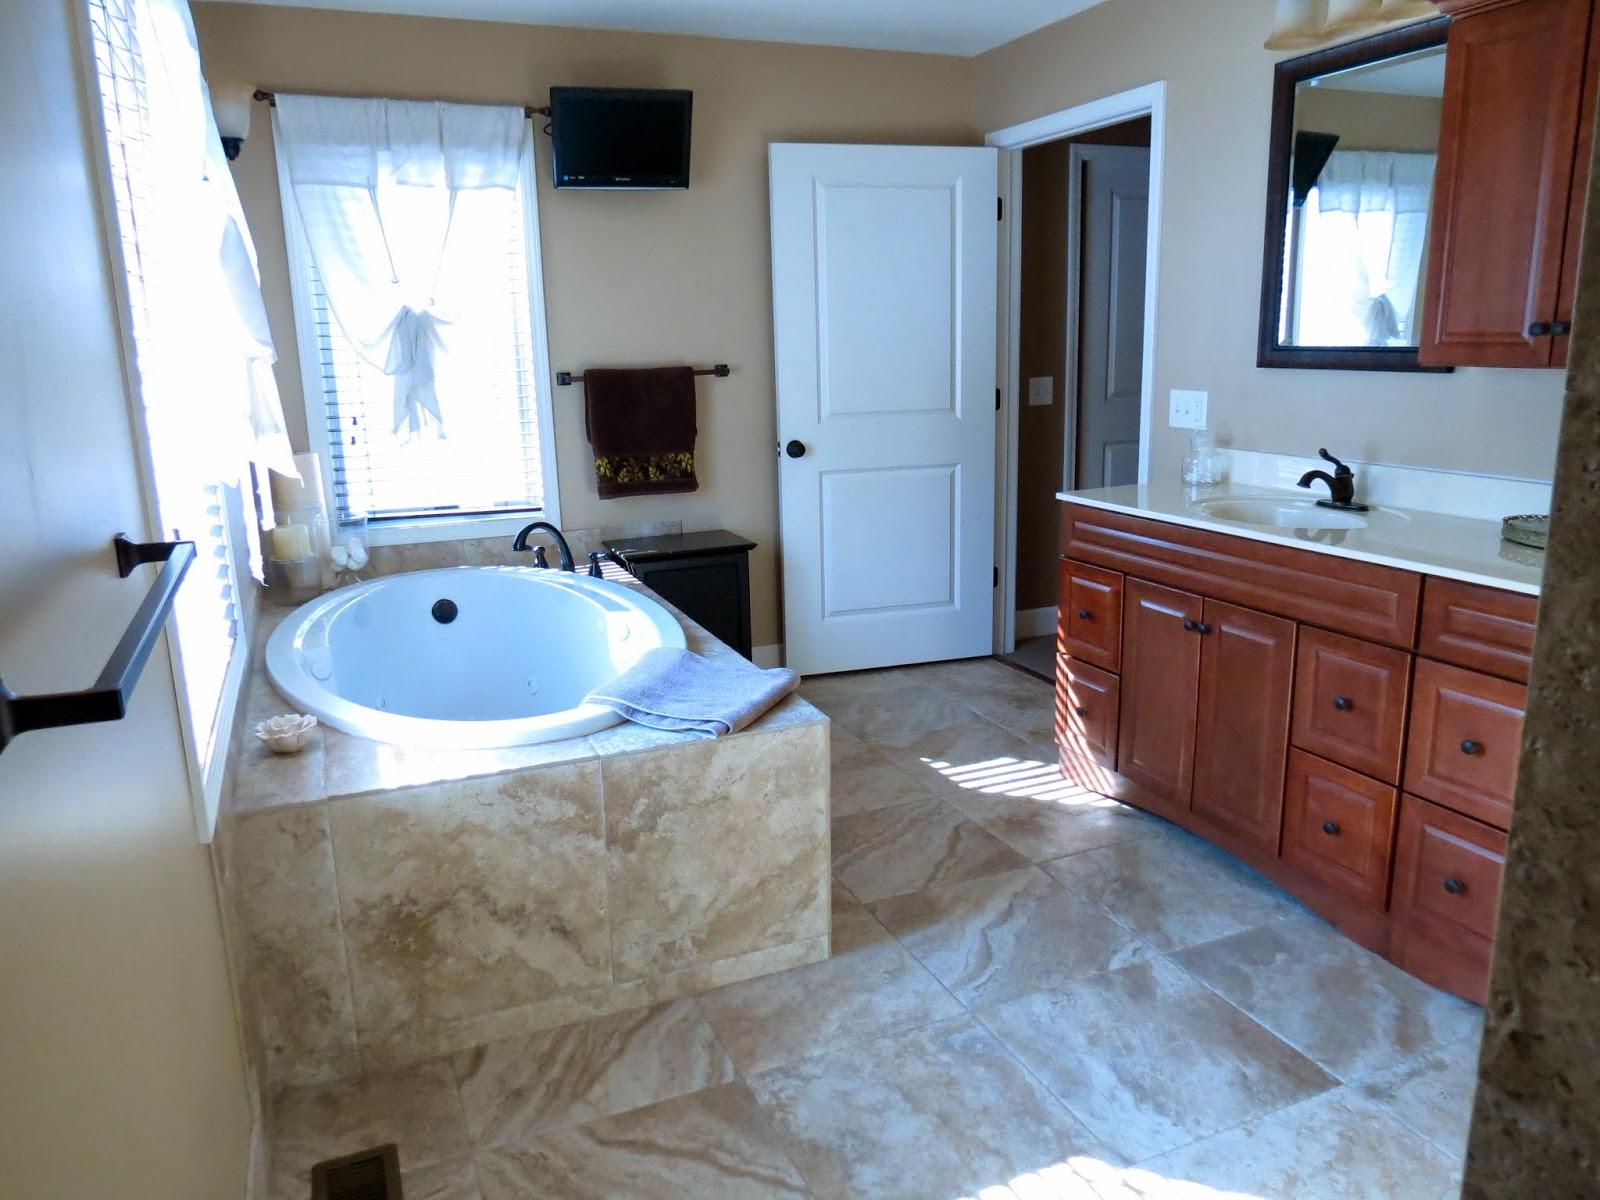 Телевизор под потолком ванной комнаты